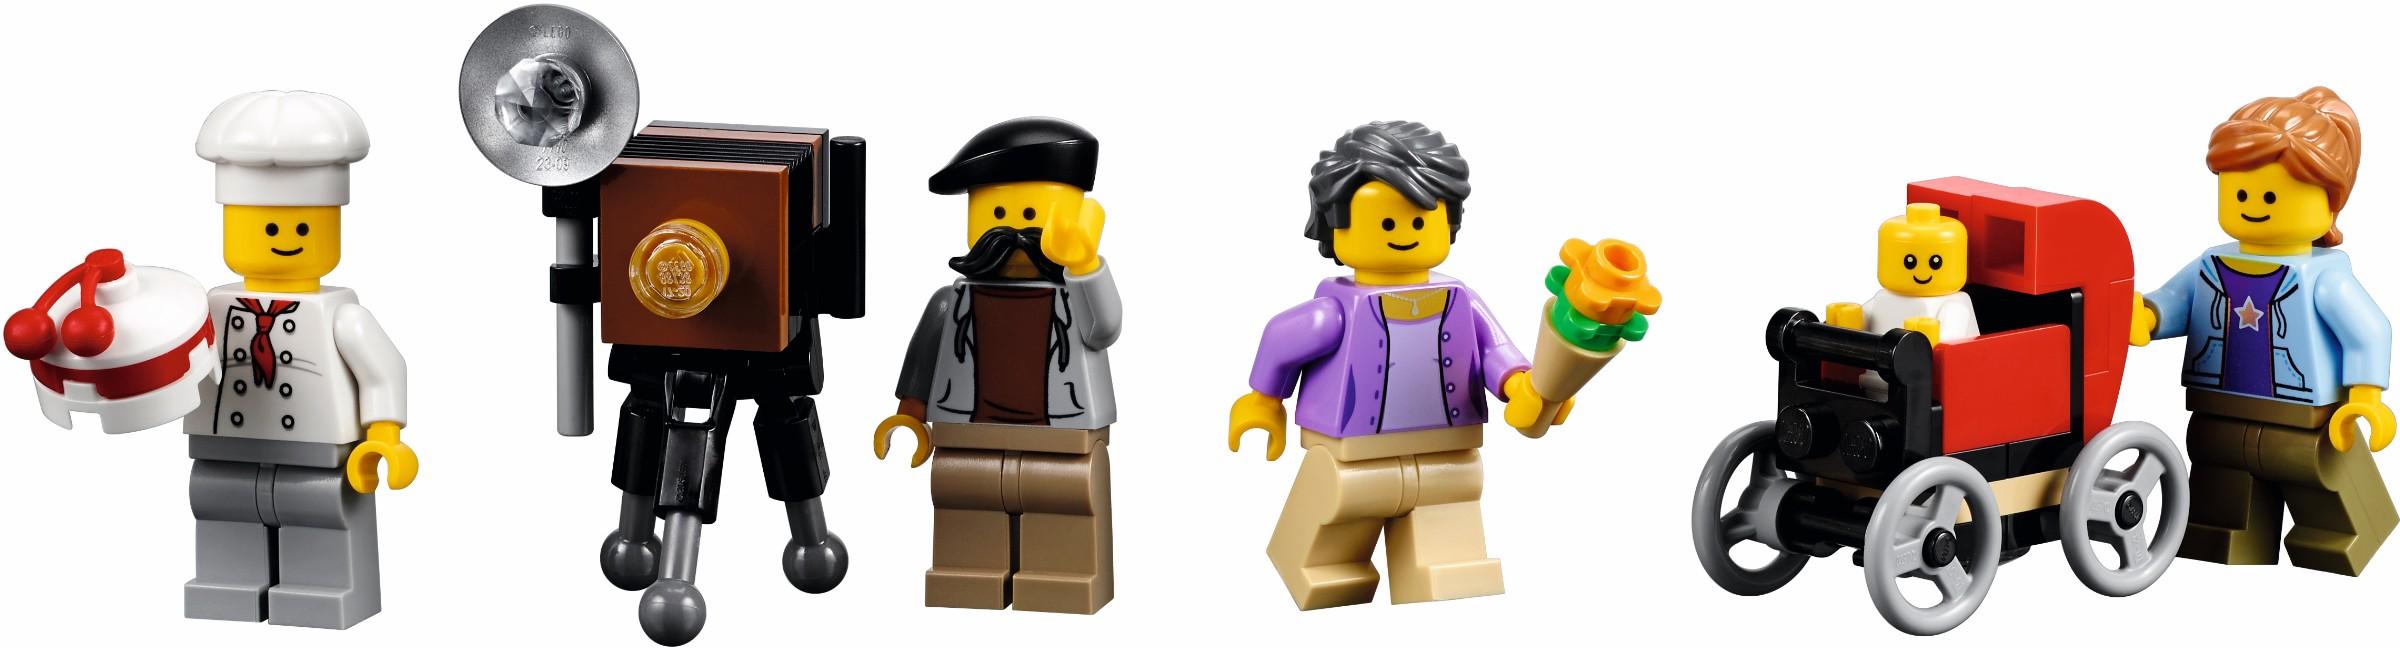 http://images.brickset.com/sets/AdditionalImages/10255-1/10255_Top_01.jpg